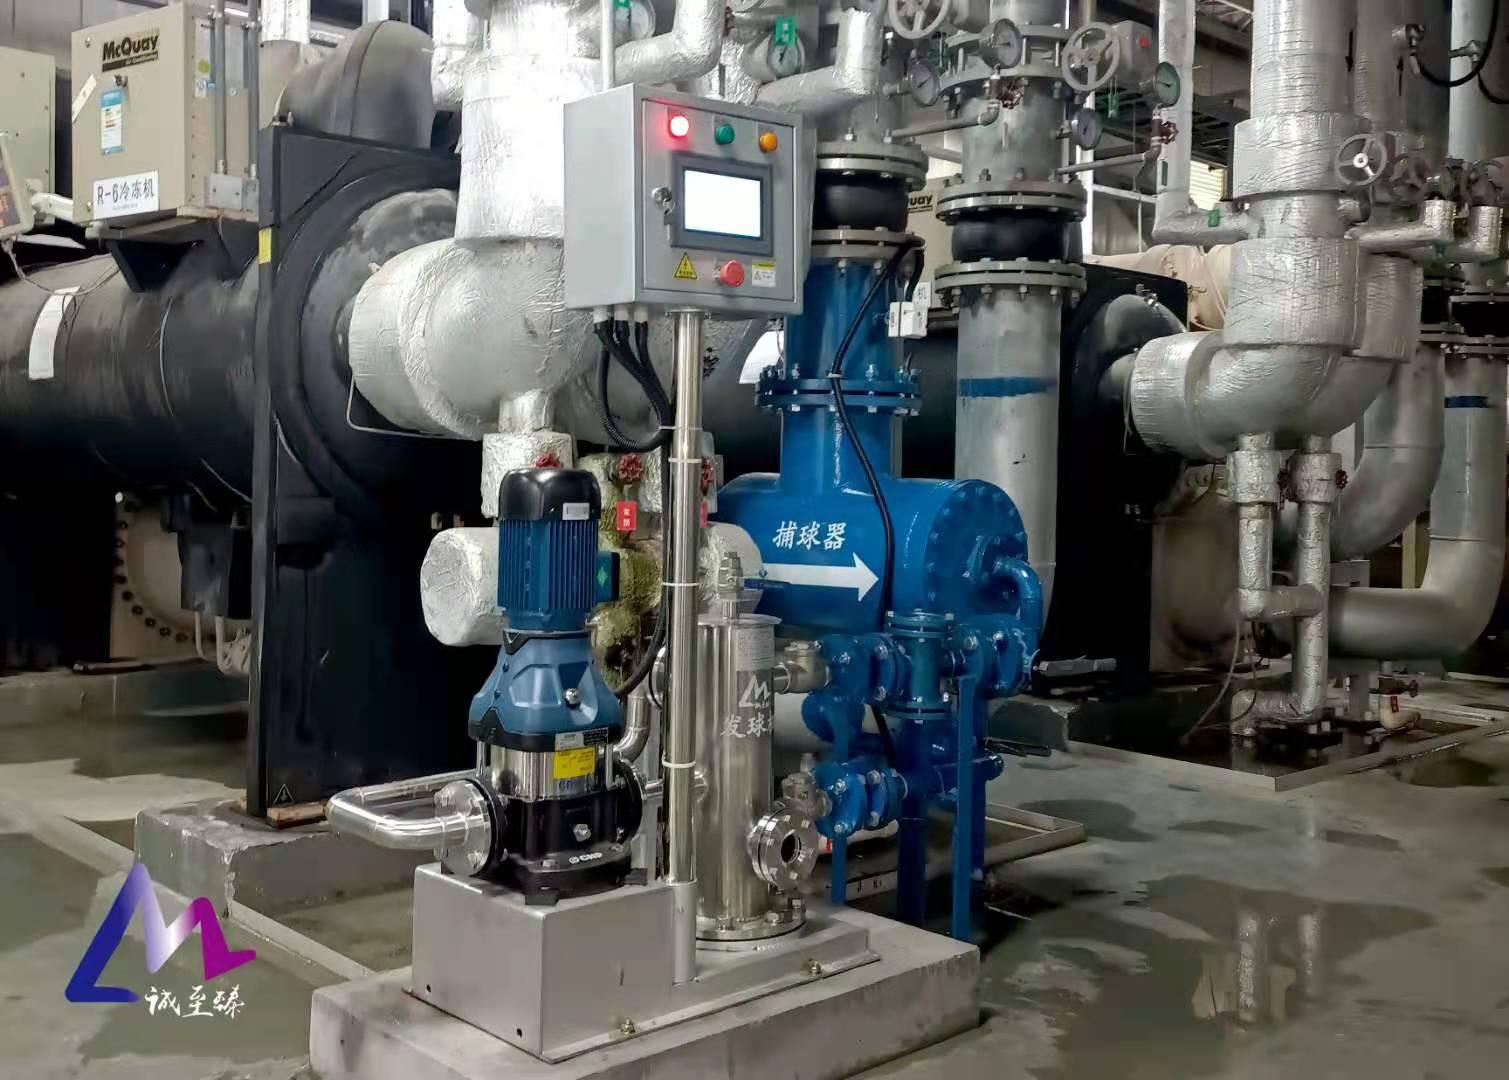 冷凝器自动在线清洗:节能效果研究